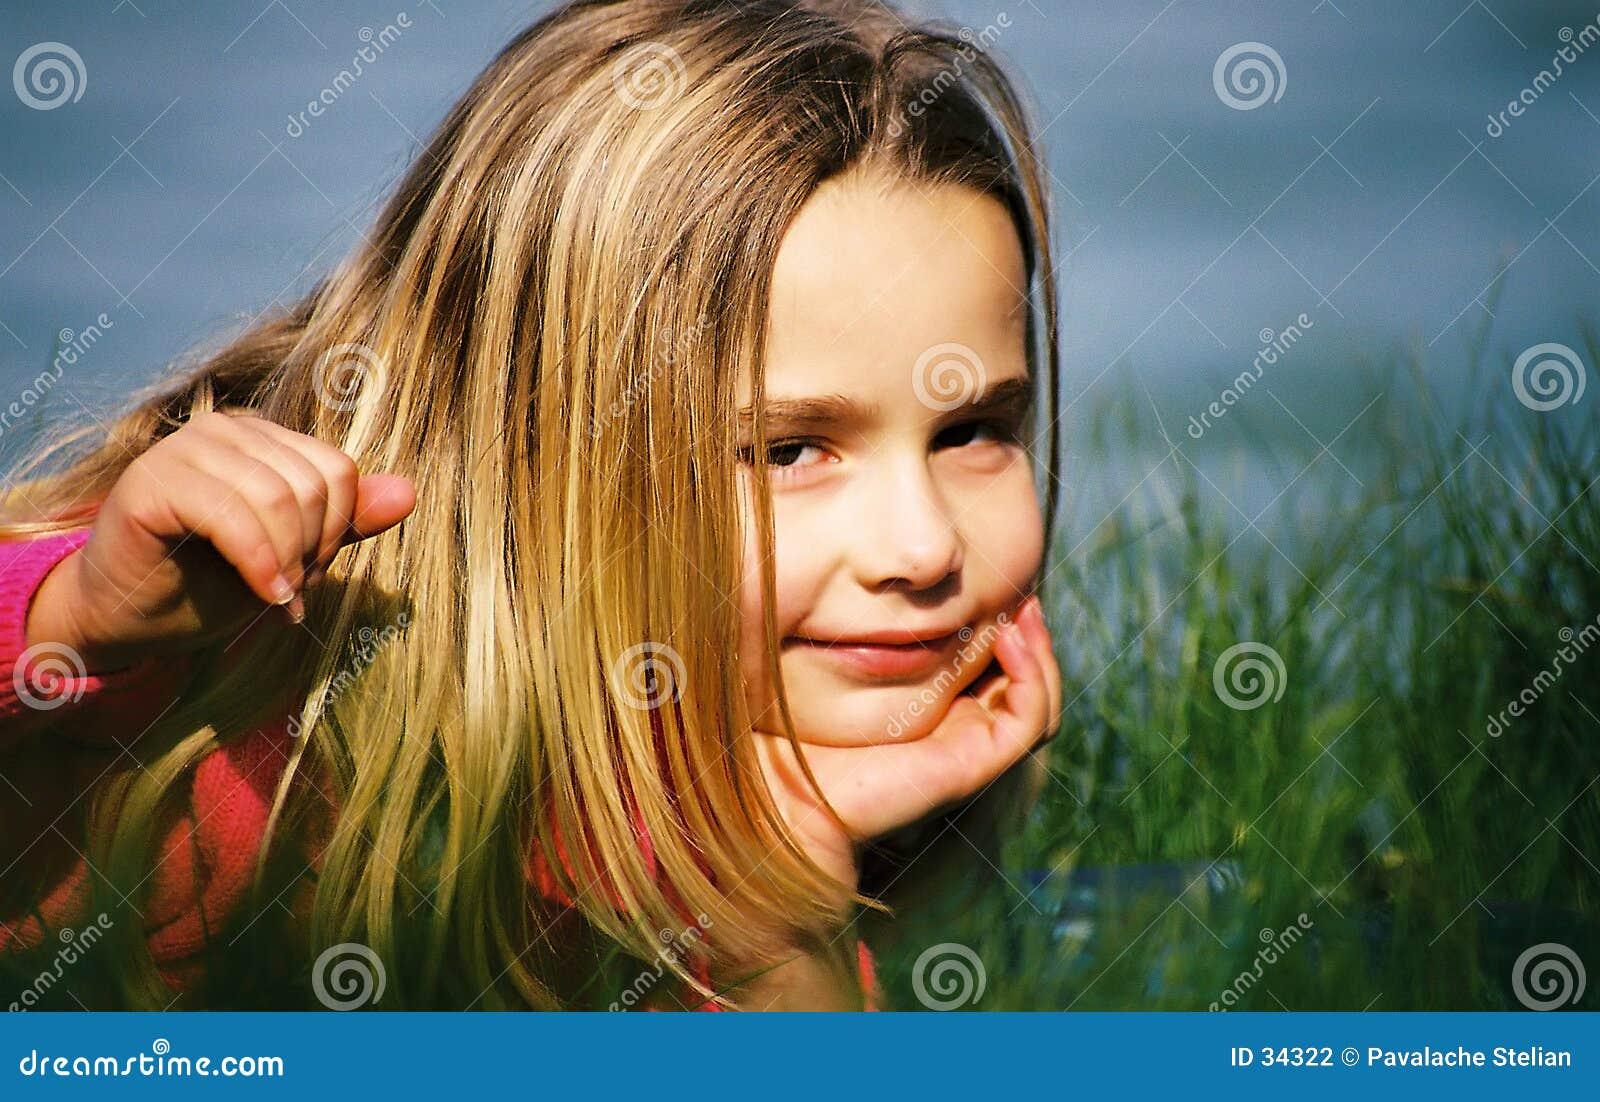 Gullig flicka utomhus